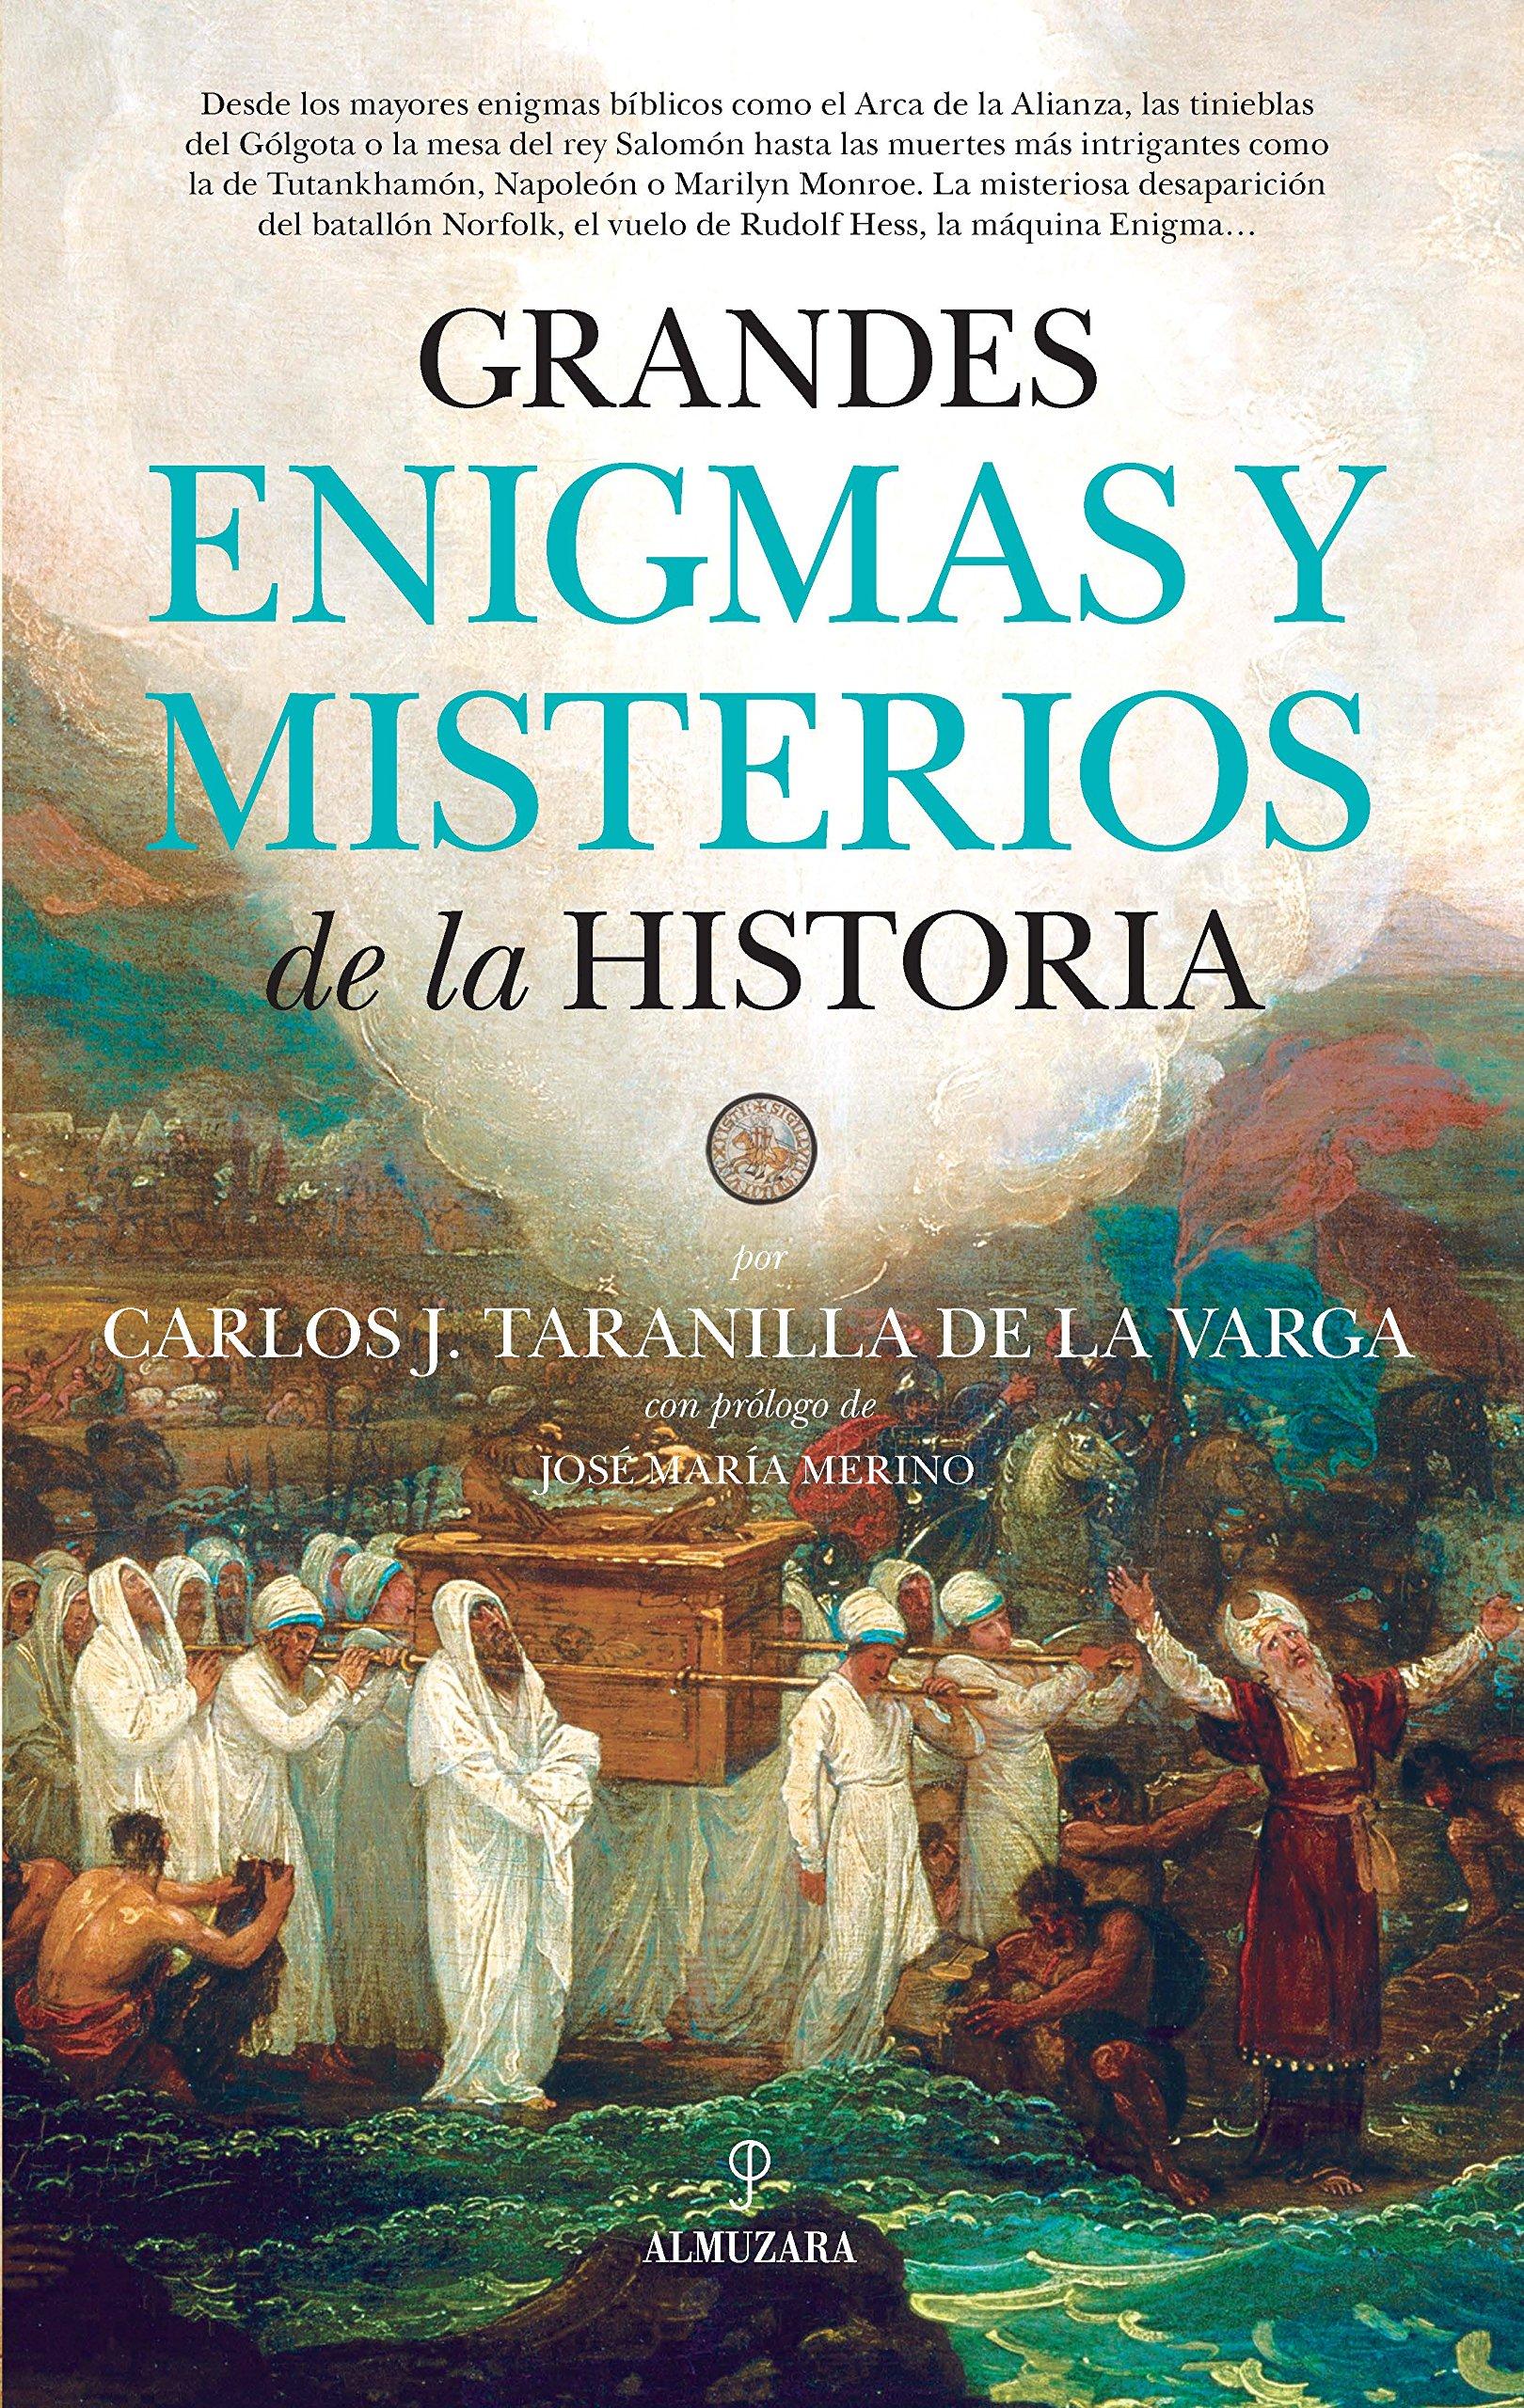 Grandes Enigmas Y Misterios De La Historia: Amazon.es: Taranilla de la Varga, Carlos Javier: Libros